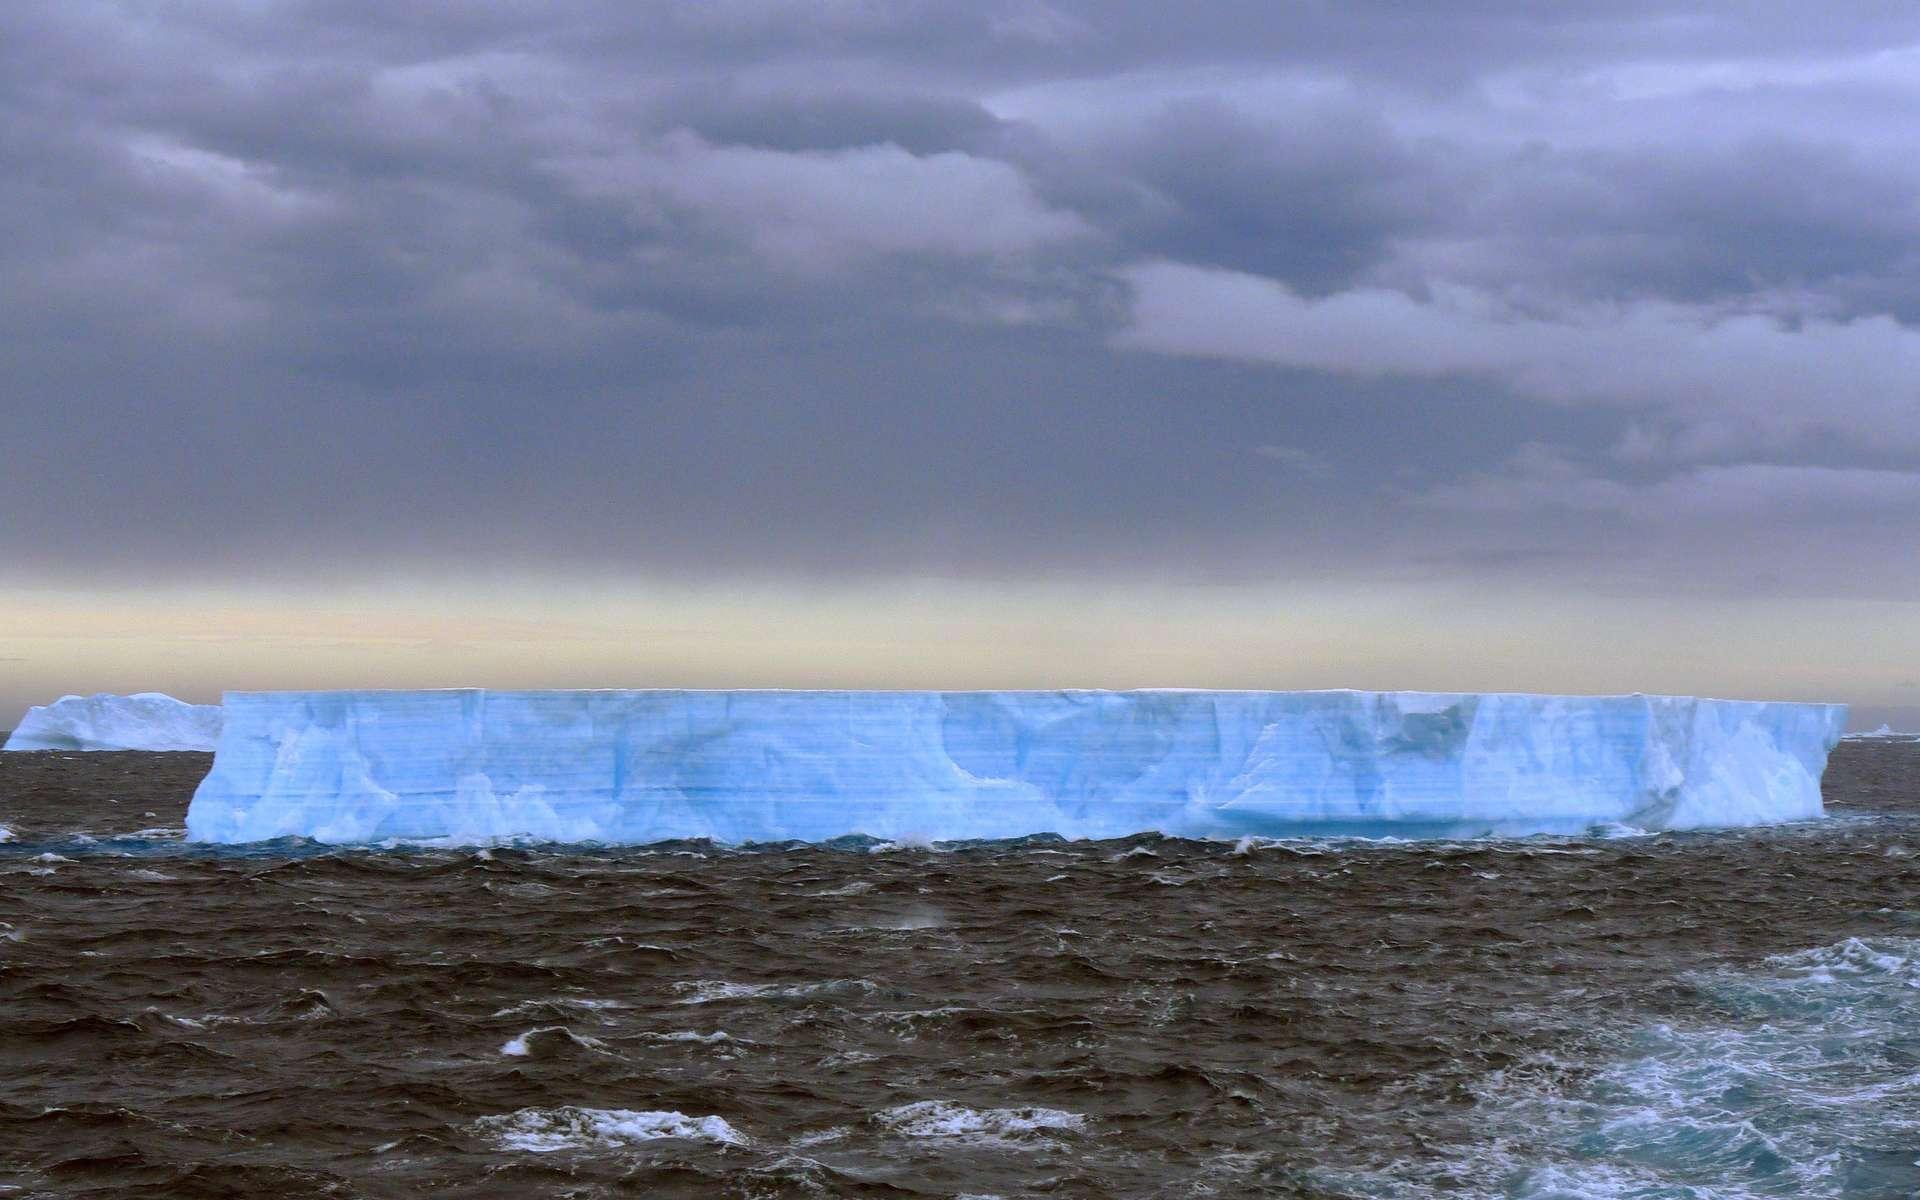 La fonte des glaciers en Arctique inquiète mais la situation est également préoccupante en Antarctique. On voit ici un iceberg tabulaire. Il est de forme plate, avec une longueur supérieure à cinq fois sa hauteur. Les tabulaires sont caractéristiques de la zone antarctique et de ses nombreuses « barrières de glace », certaines longues de plusieurs kilomètres. Elles dérivent dans l'océan austral au gré des vents et des courants. © cc by sa 2.0, Michael Clarke, Wikipédia